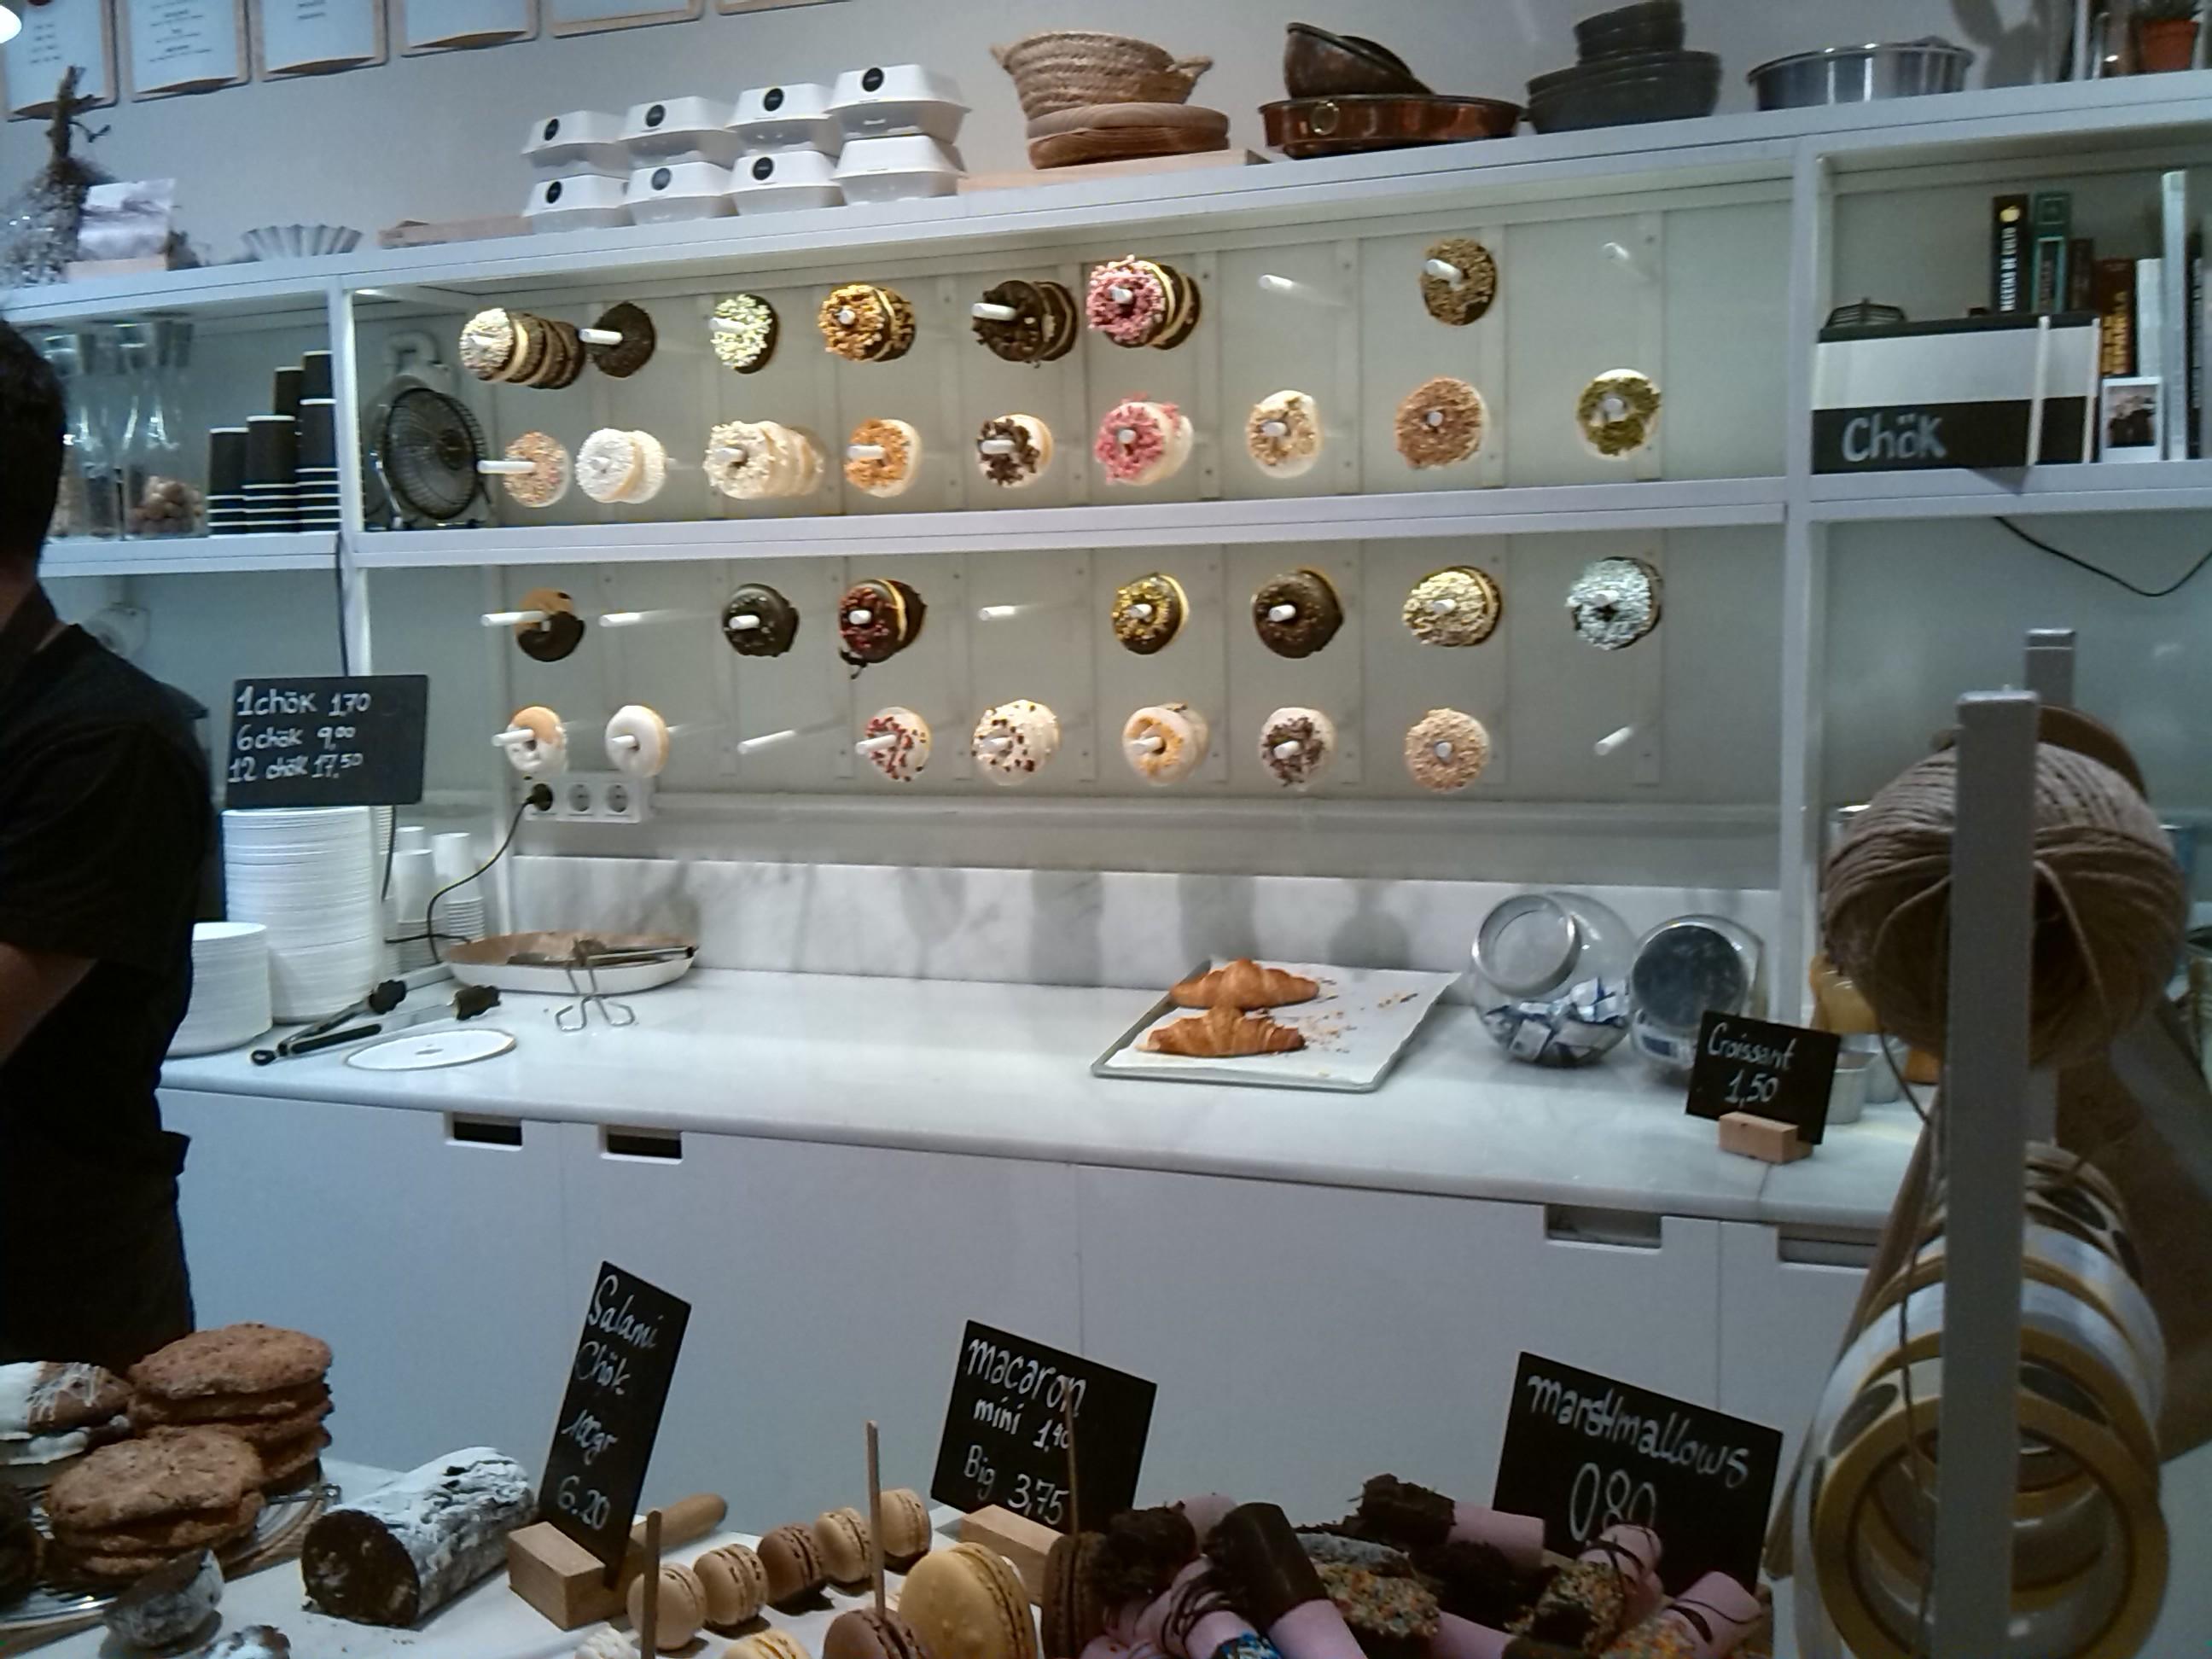 Macarons, donuts, kronuts, galletas y otros dulces de Chök en el Raval